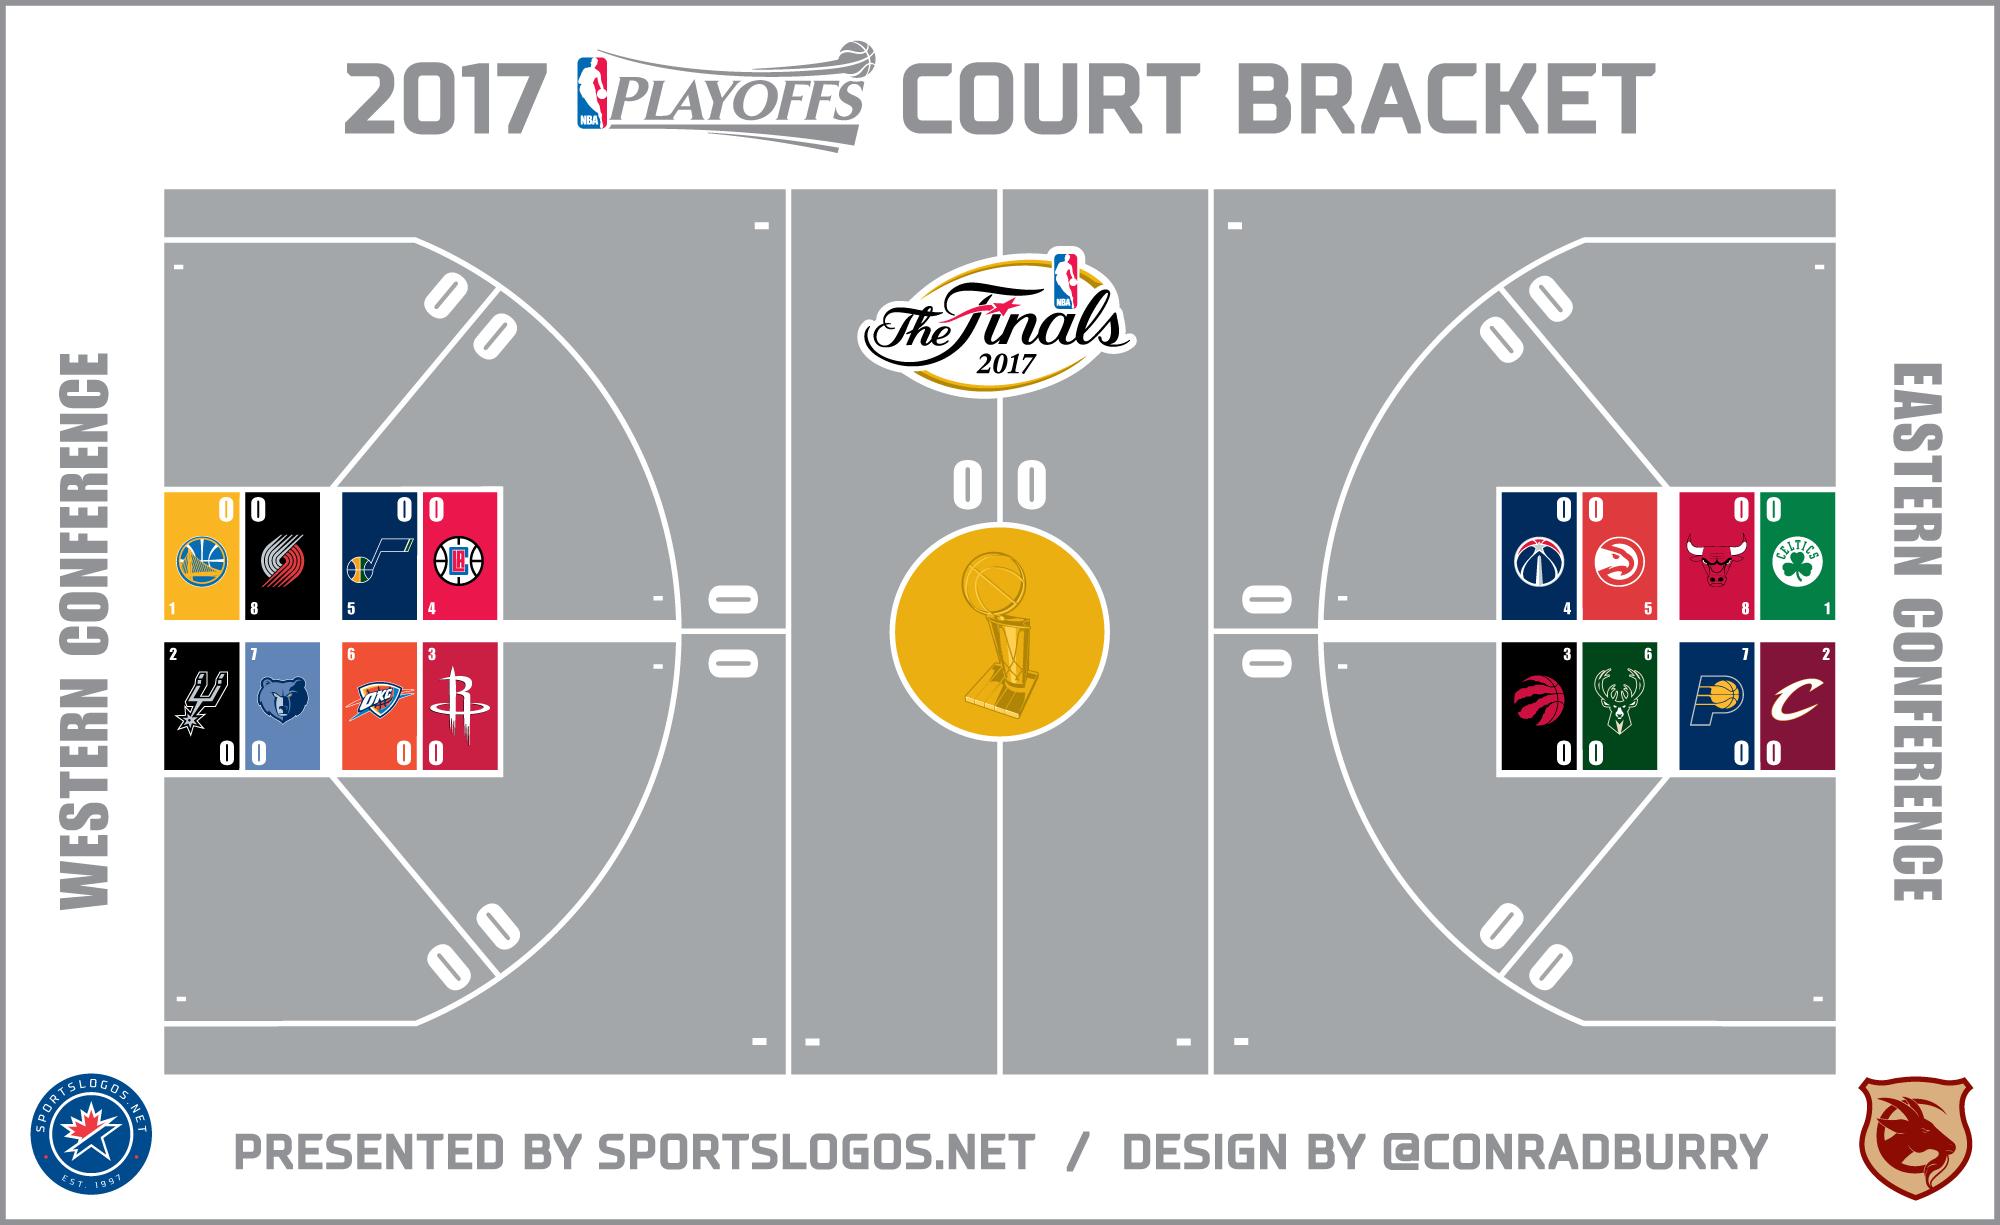 2017 NBA Playoffs Court Bracket - Round 1 | Chris Creamer ...